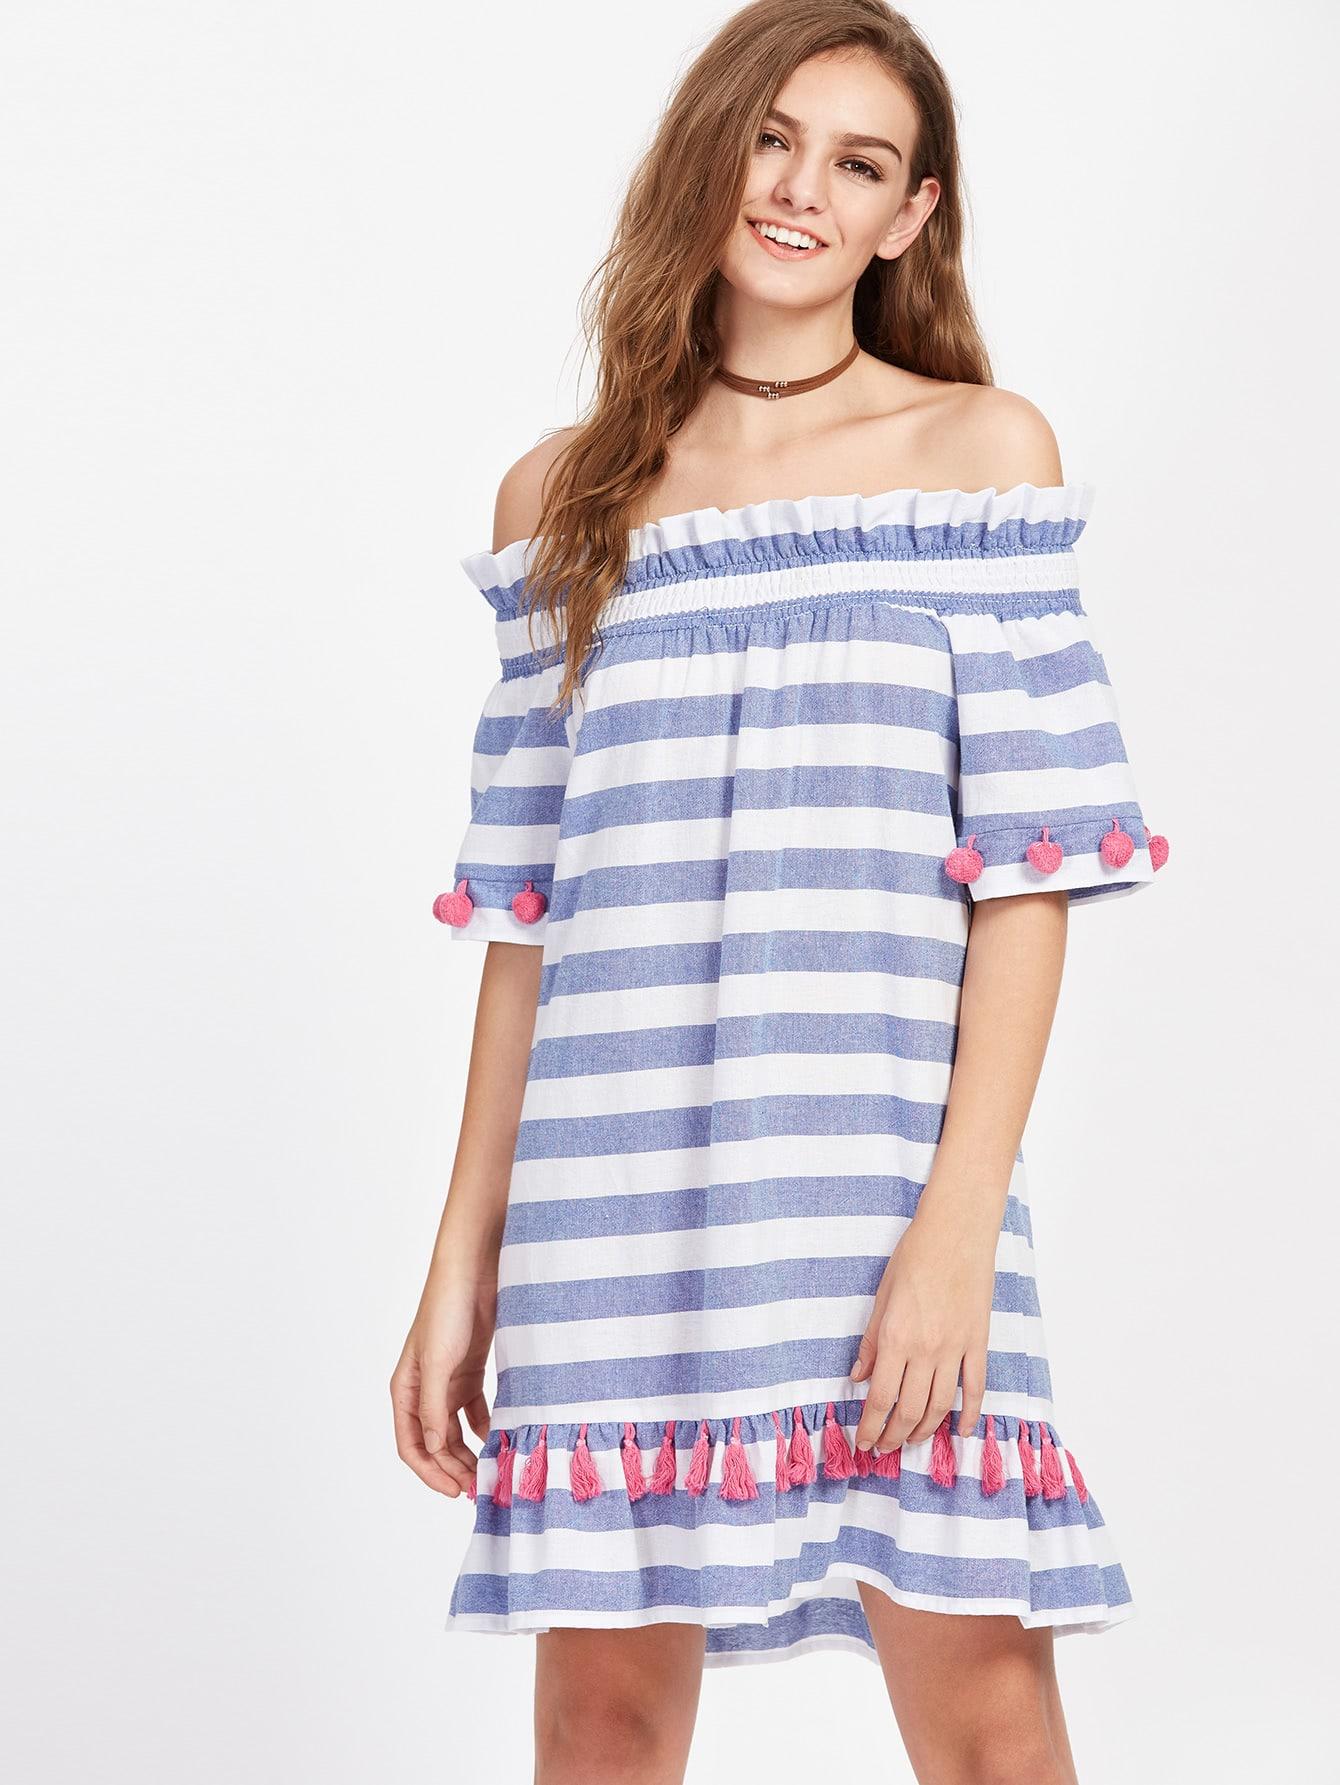 Shirred Off Shoulder Pom Pom And Tassel Embellished Striped Dress dress170426709